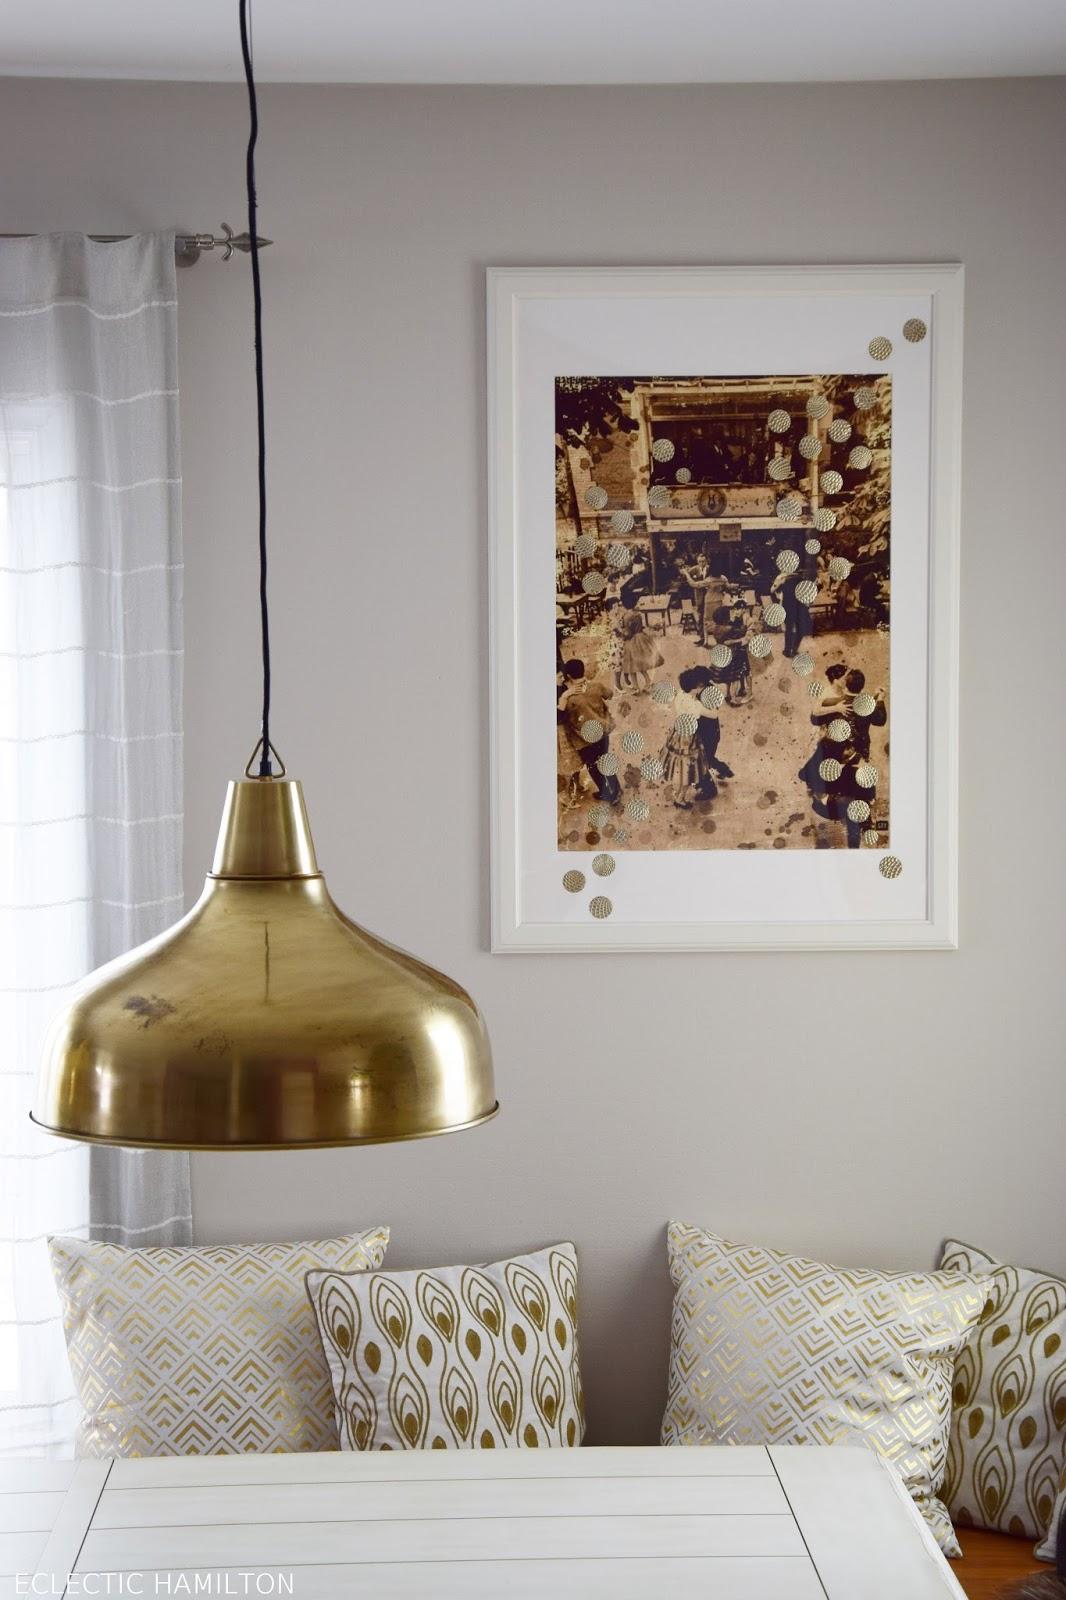 Wanddeko DIY selbermachen: Bilder mit Punkten verschönern in 30 Minuten. Schnell und einfach